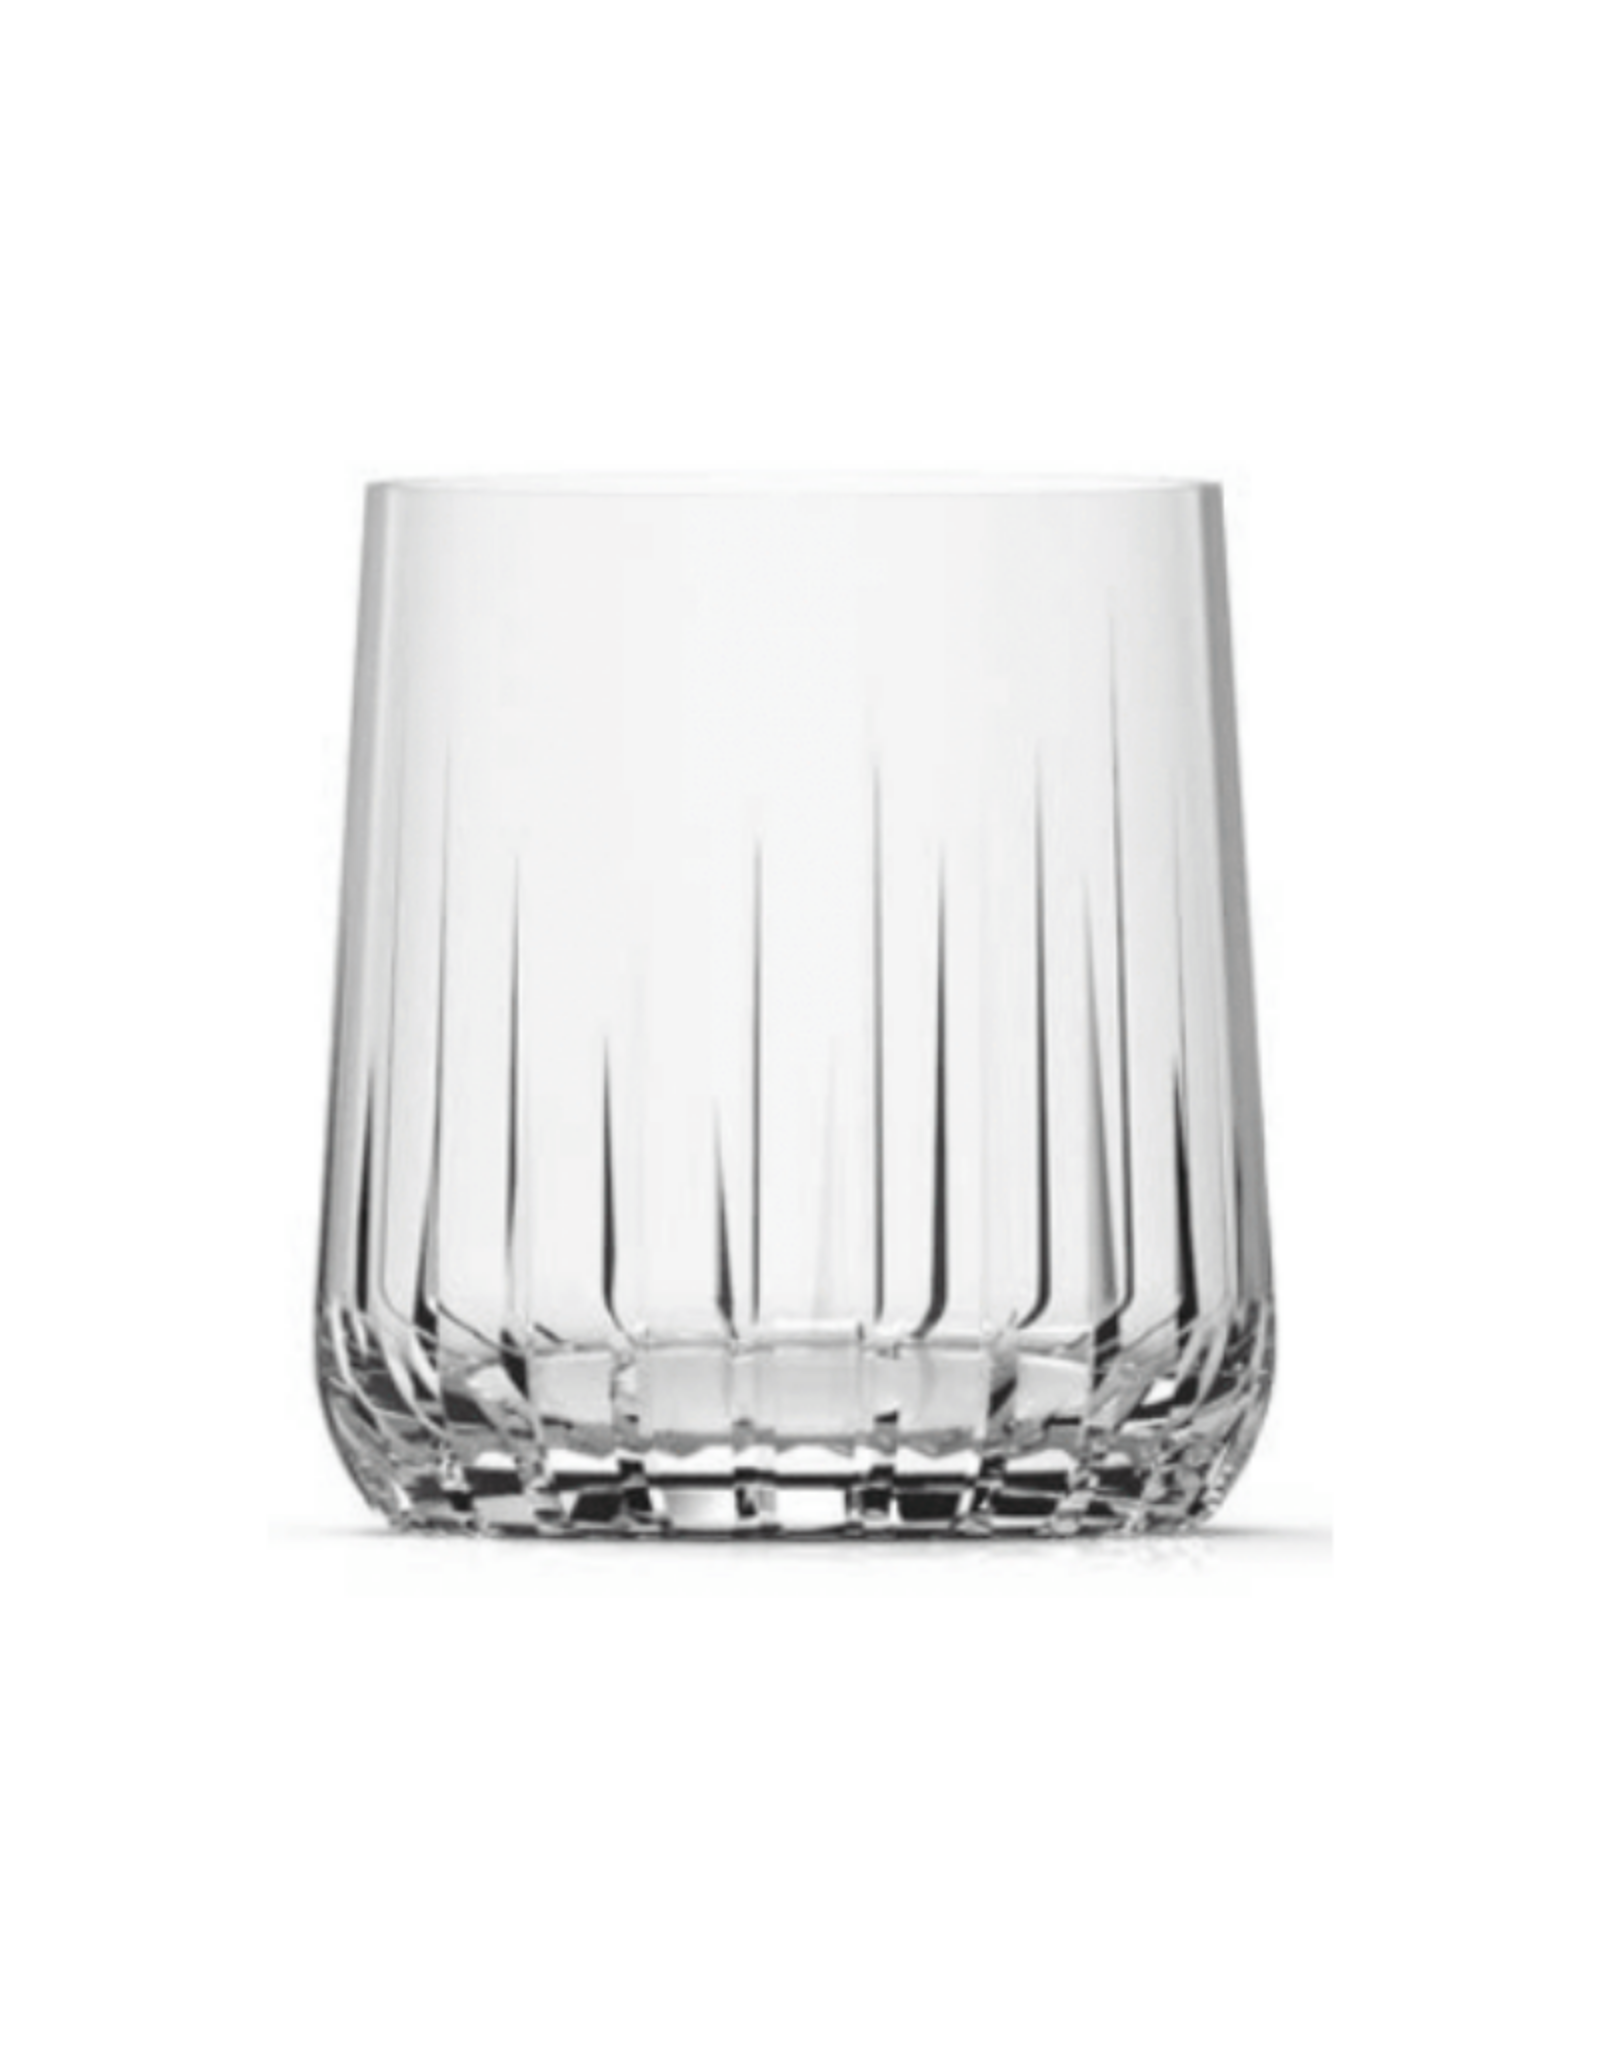 Ens. 6 verres Nova 310ml